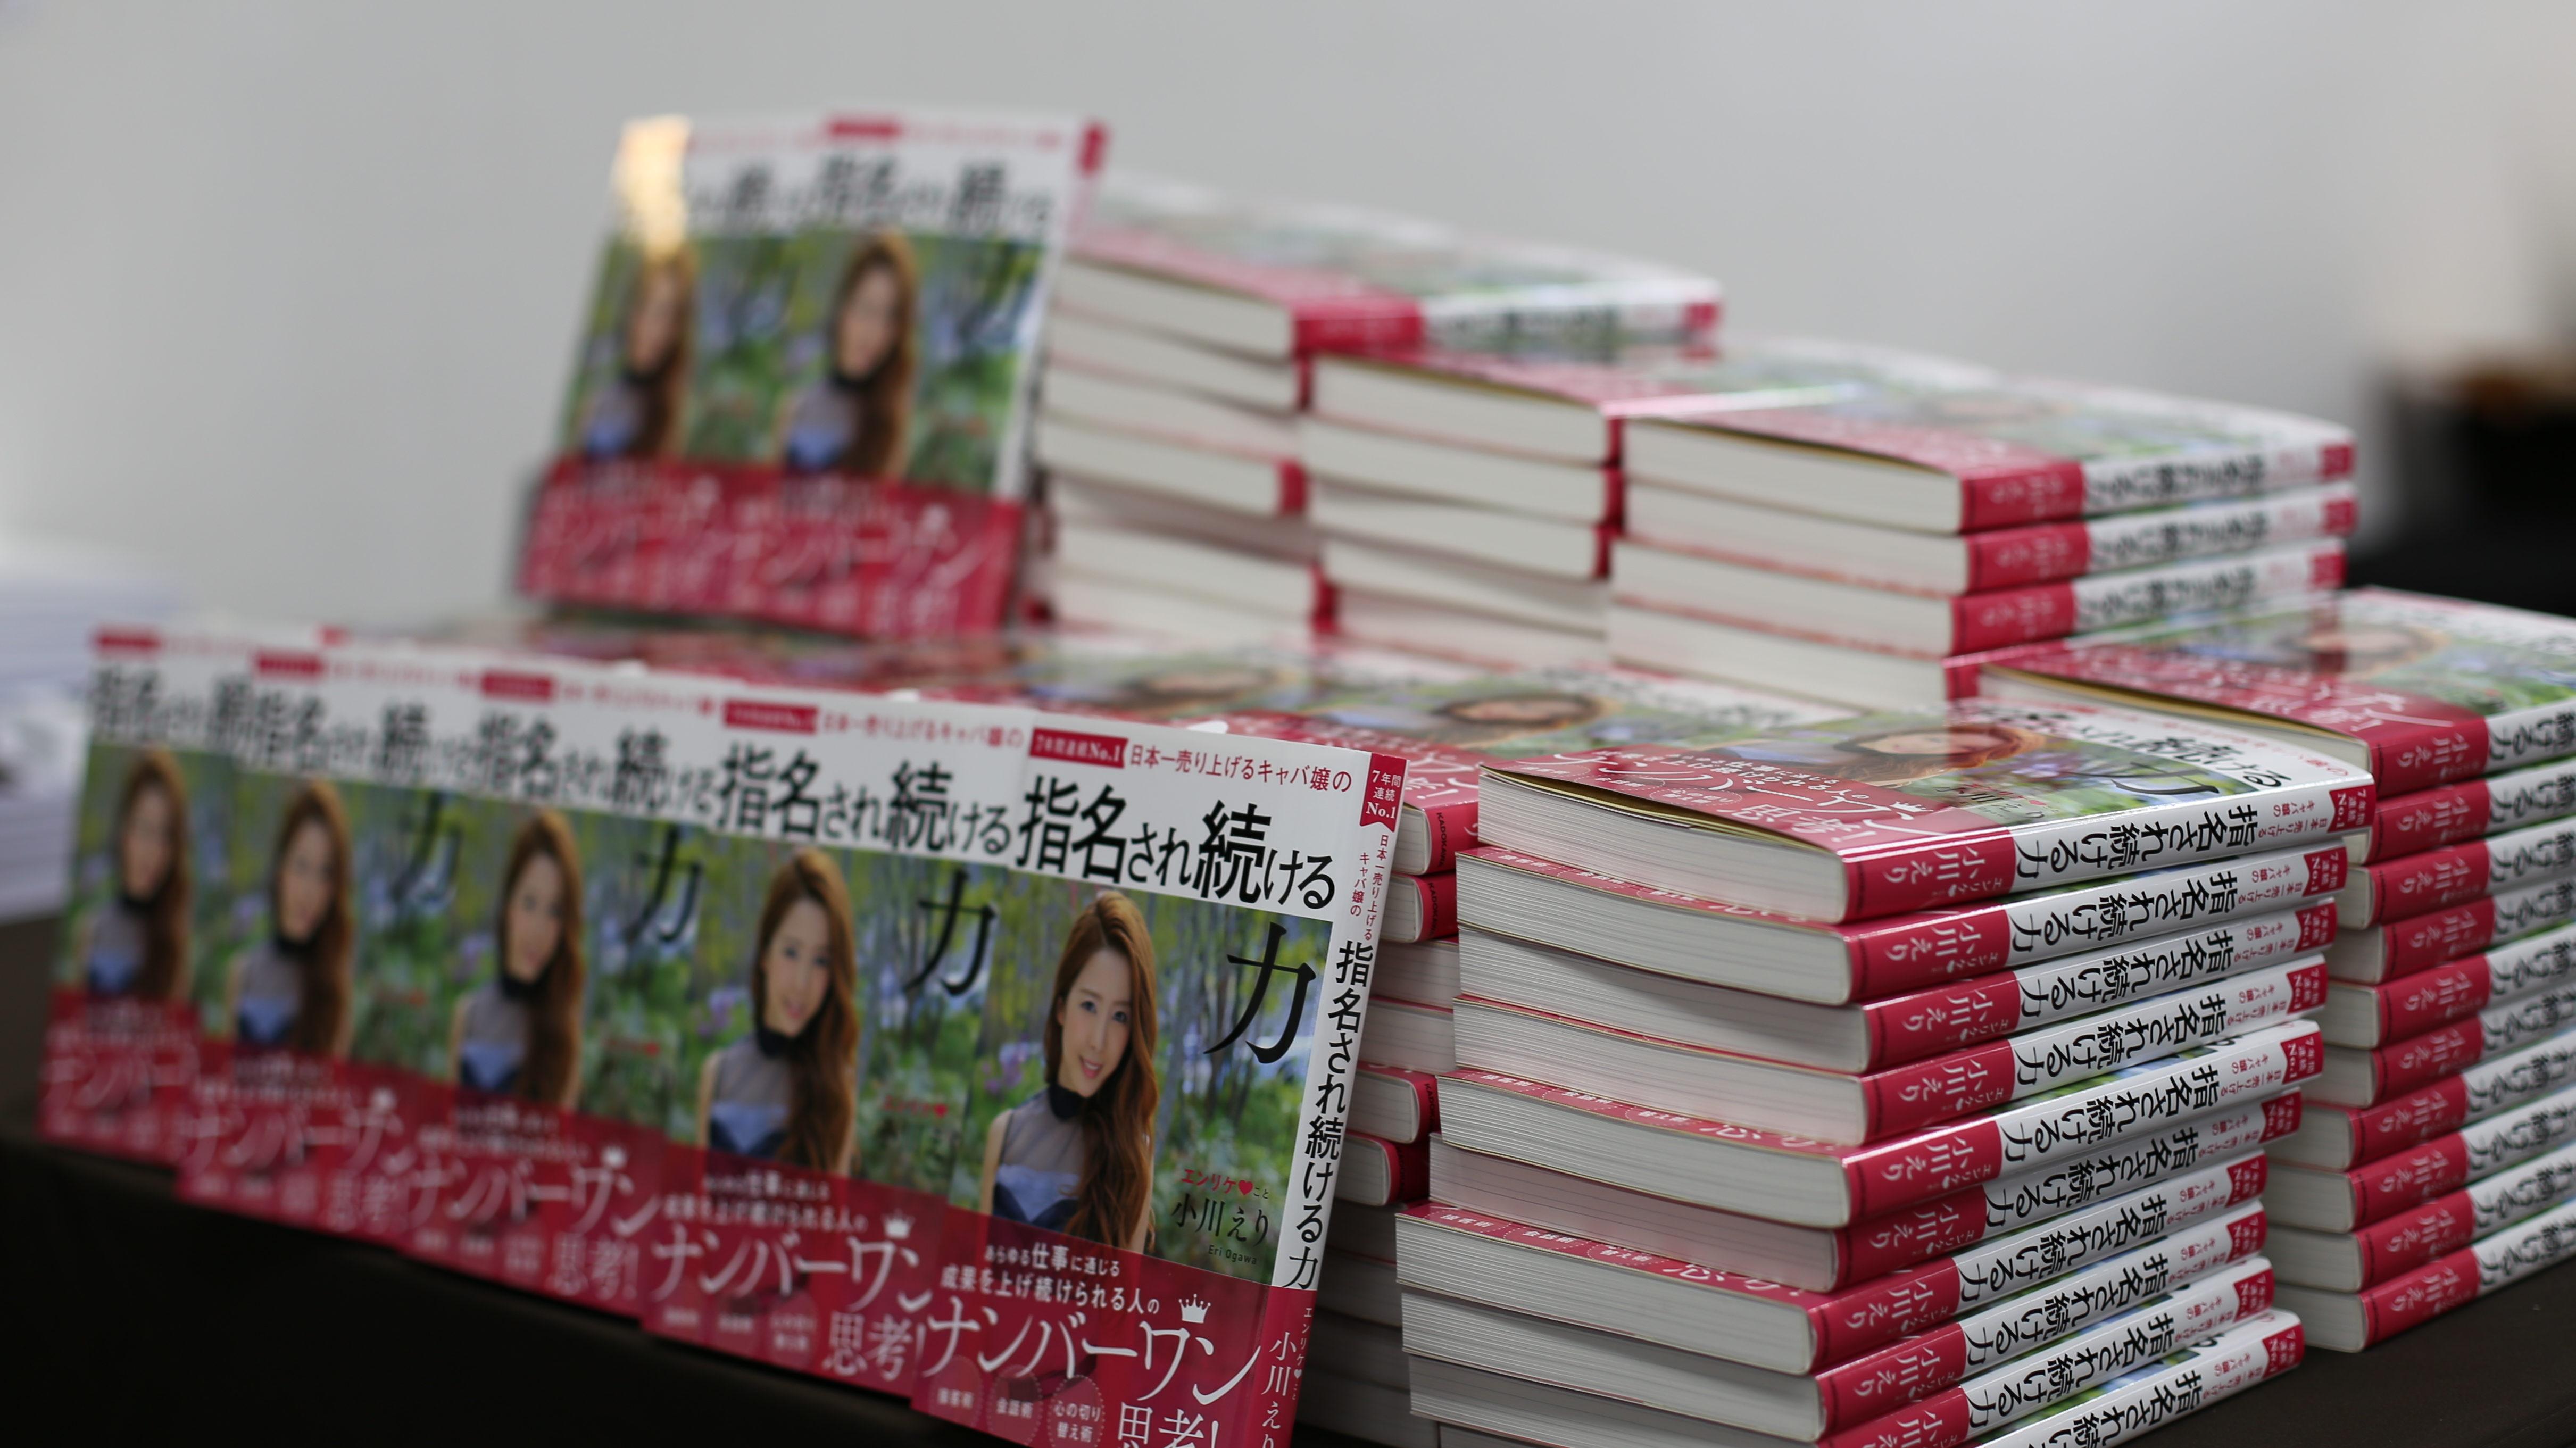 6月23日第11回中嶋塾ダイジェスト